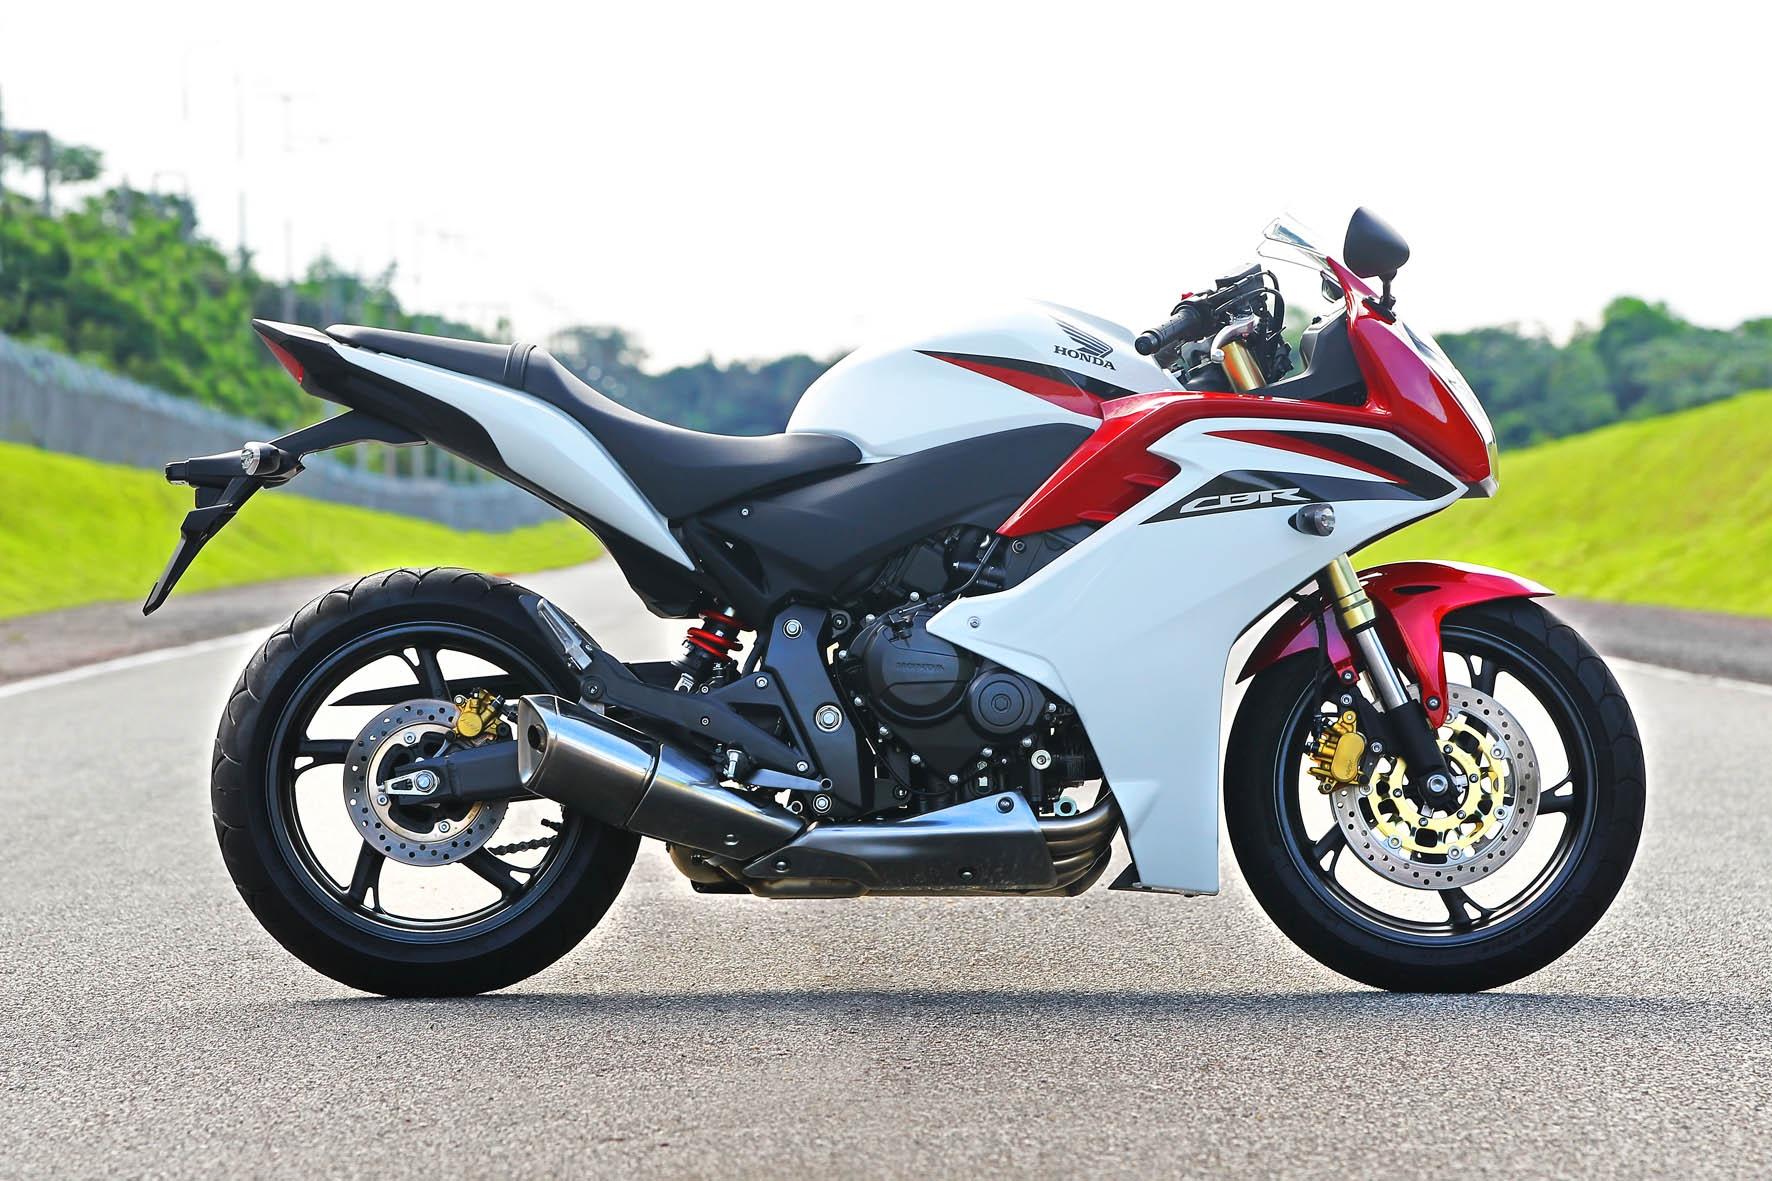 Com mecânica da Hornet, a Honda CBR 600F é indicada para quem busca adrenalina